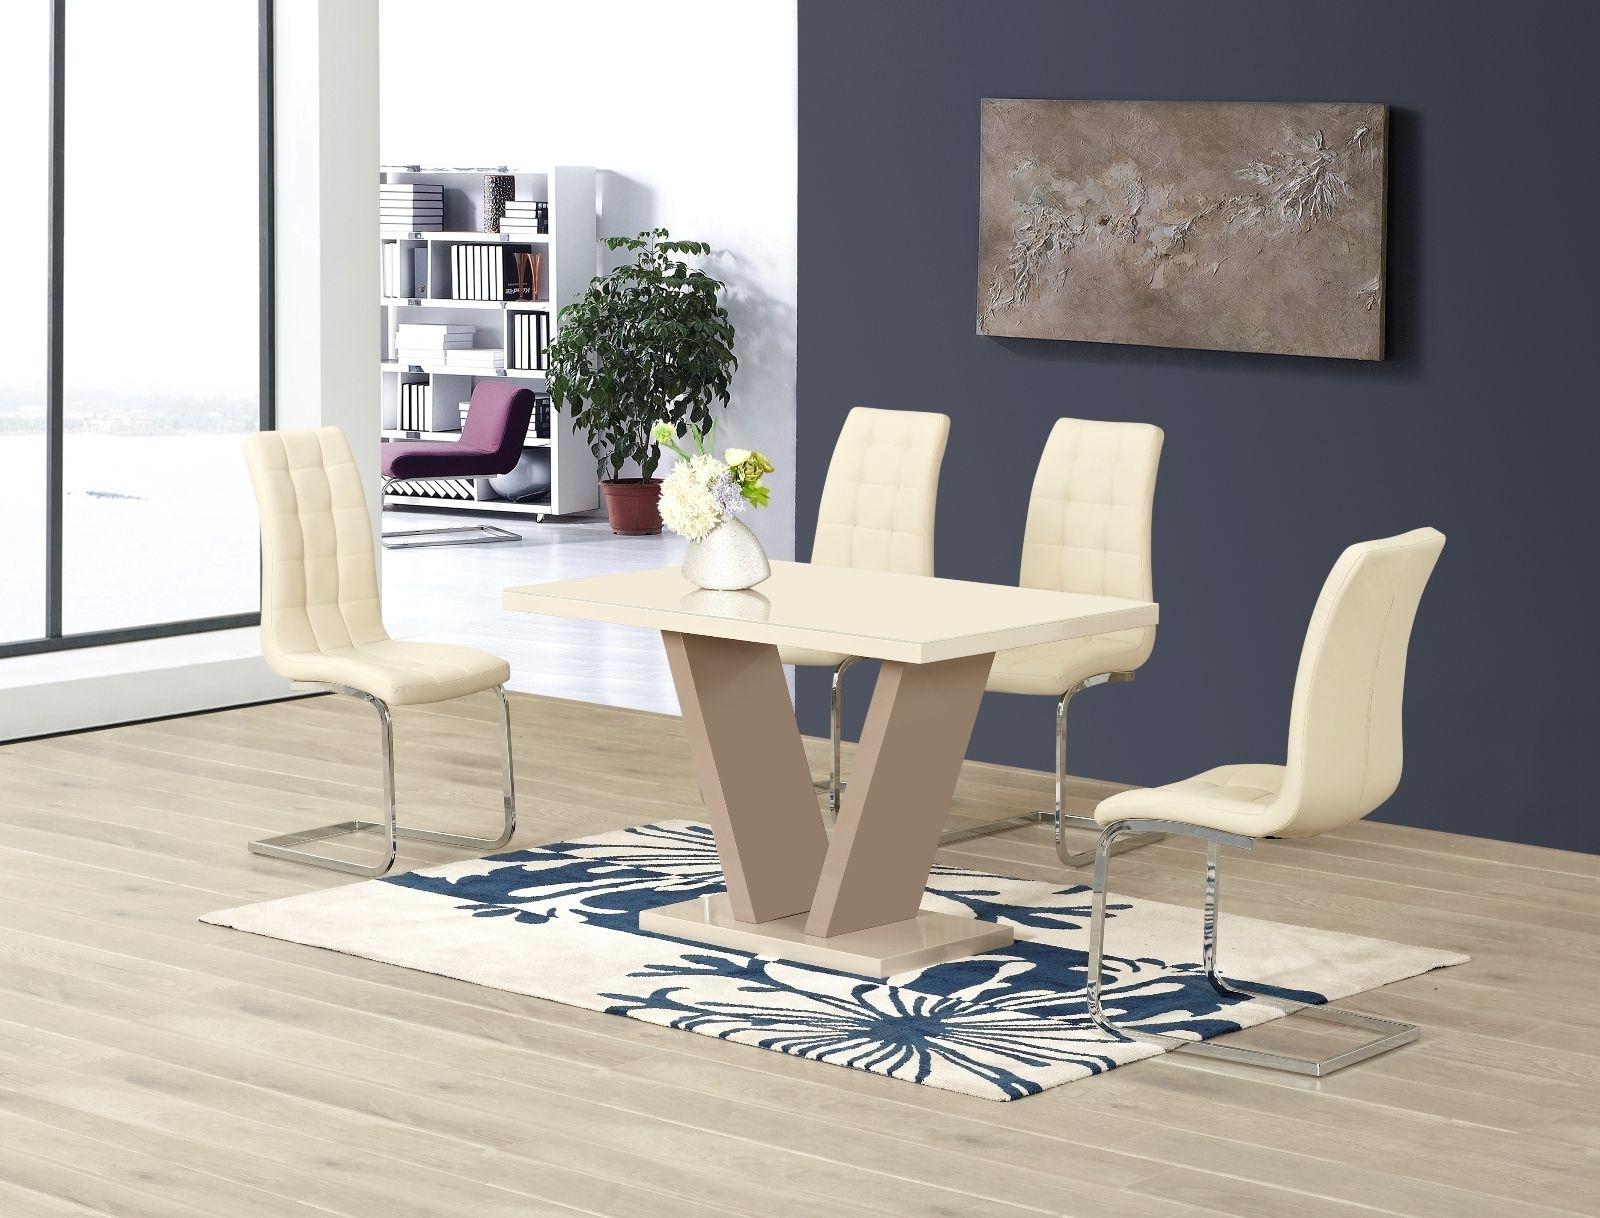 White Gloss Dining Tables 120Cm Inside Favorite Ga Vico Cream Gloss Designer 120 Cm Dining Set & 4 Araceli Or Sicily (View 17 of 25)